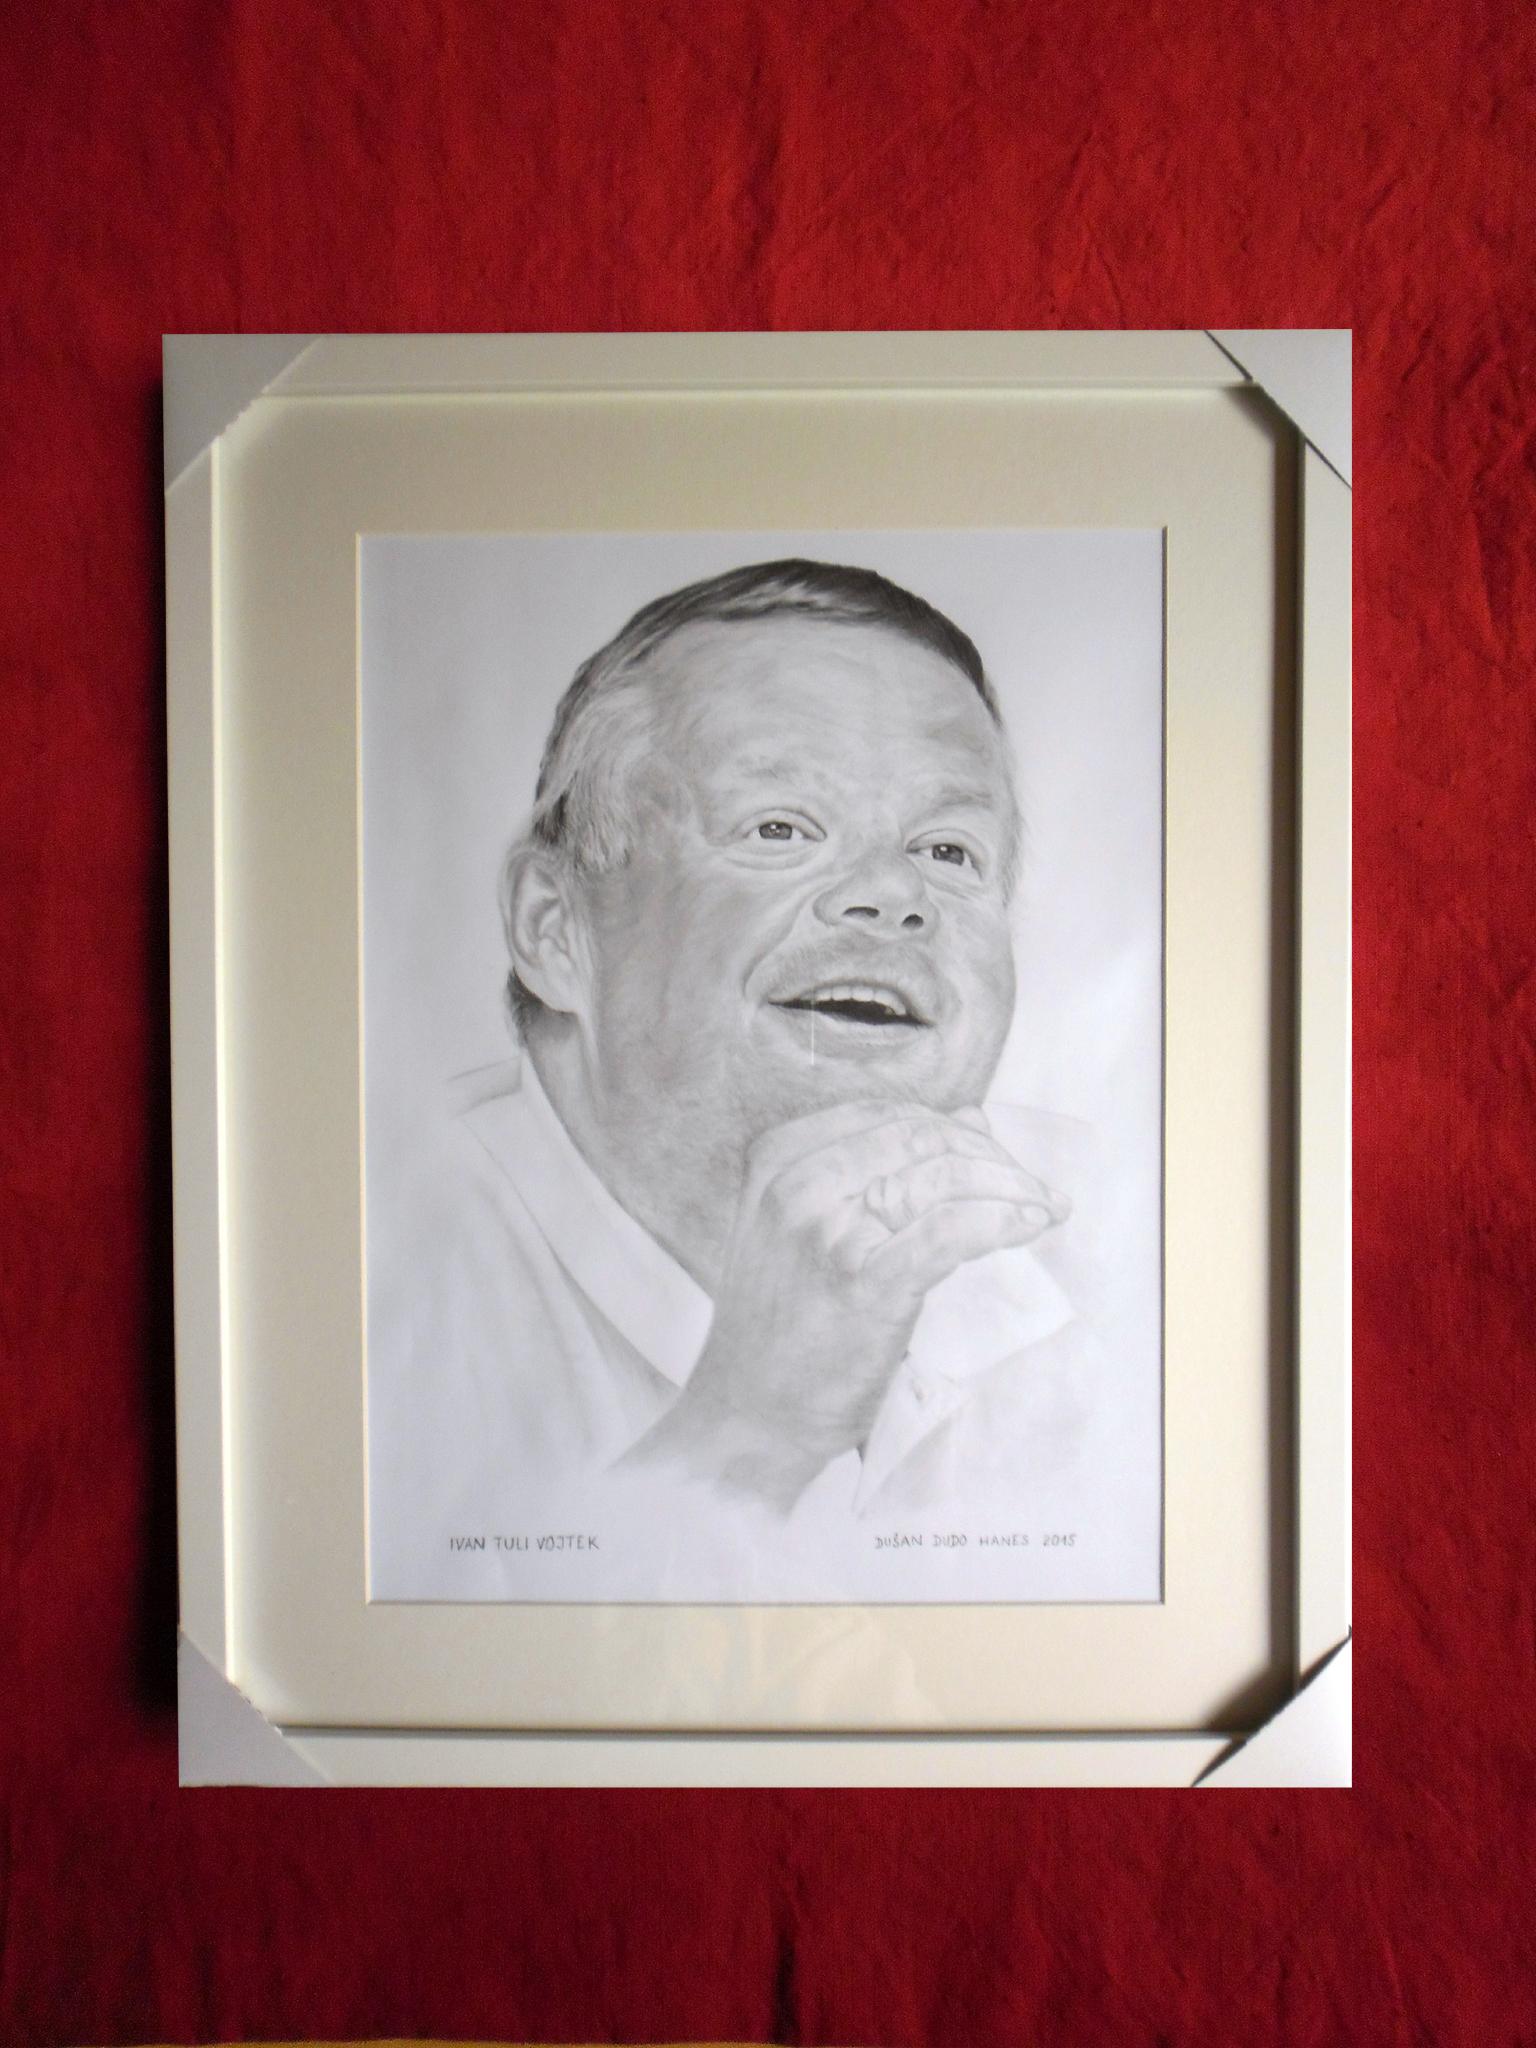 234 - Ivan Tuli Vojtek. Portrét v ráme, Dušan Dudo Hanes